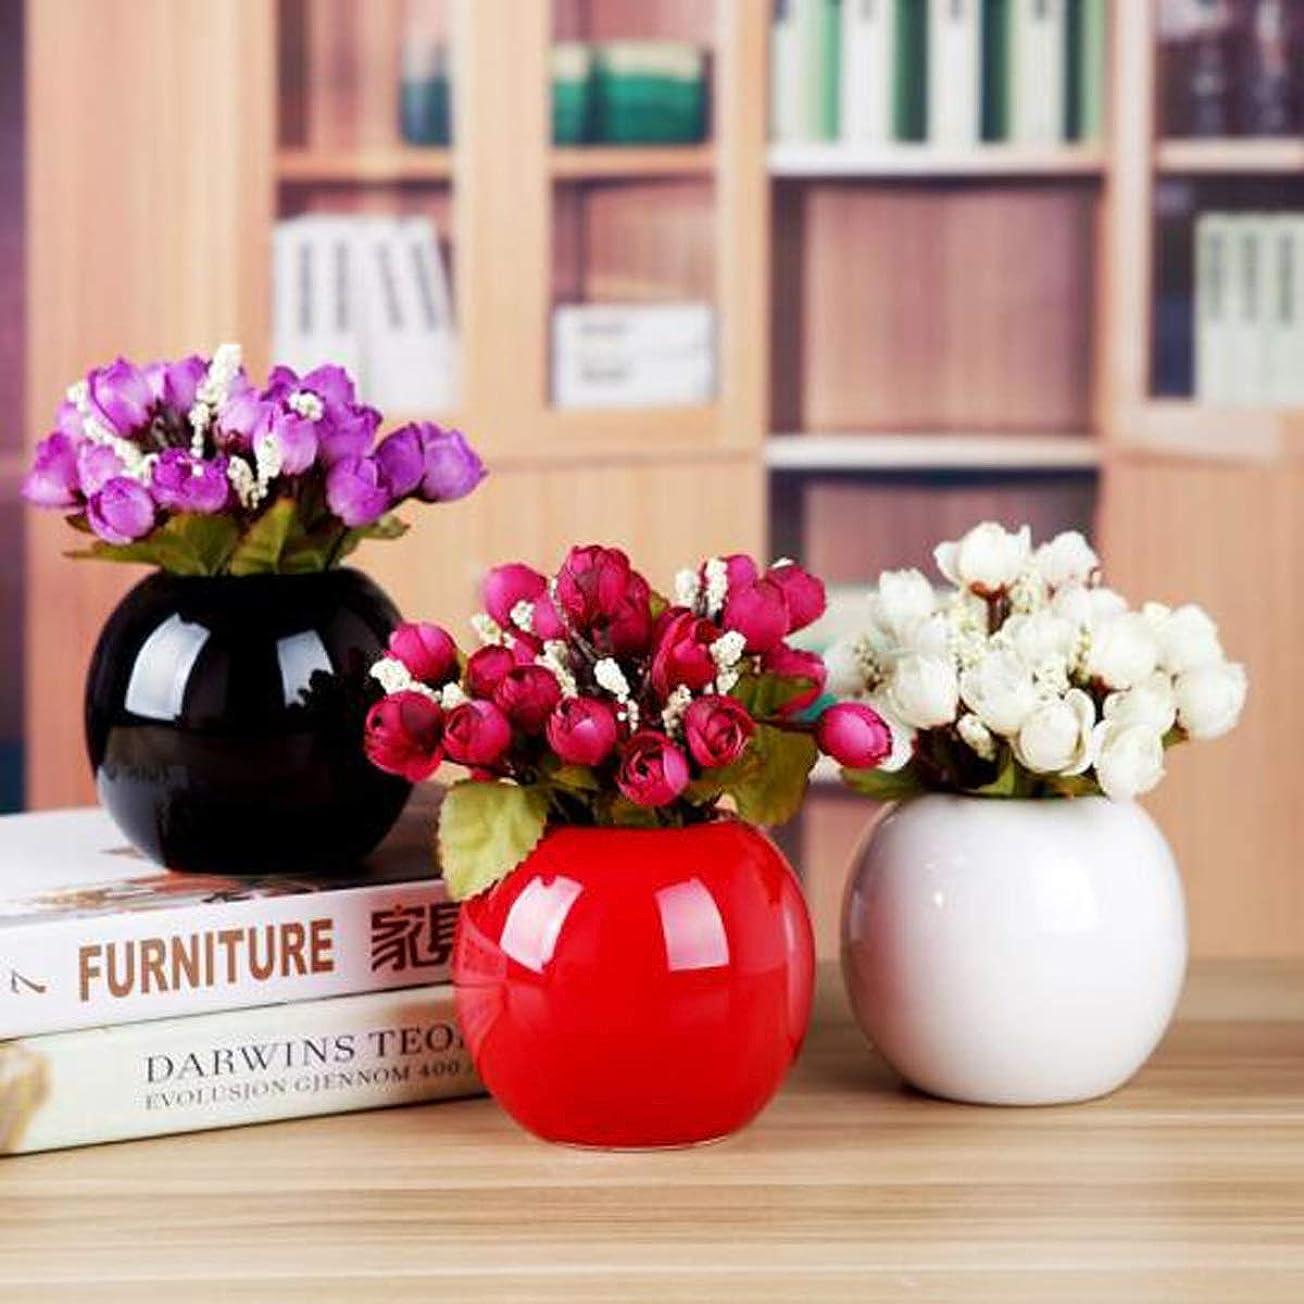 巻き取り再撮り曲げるHKXR 花瓶クリエイティブシンプルなセラミック小花瓶リビングルーム表シェルフ装飾花飾り (Color : White)